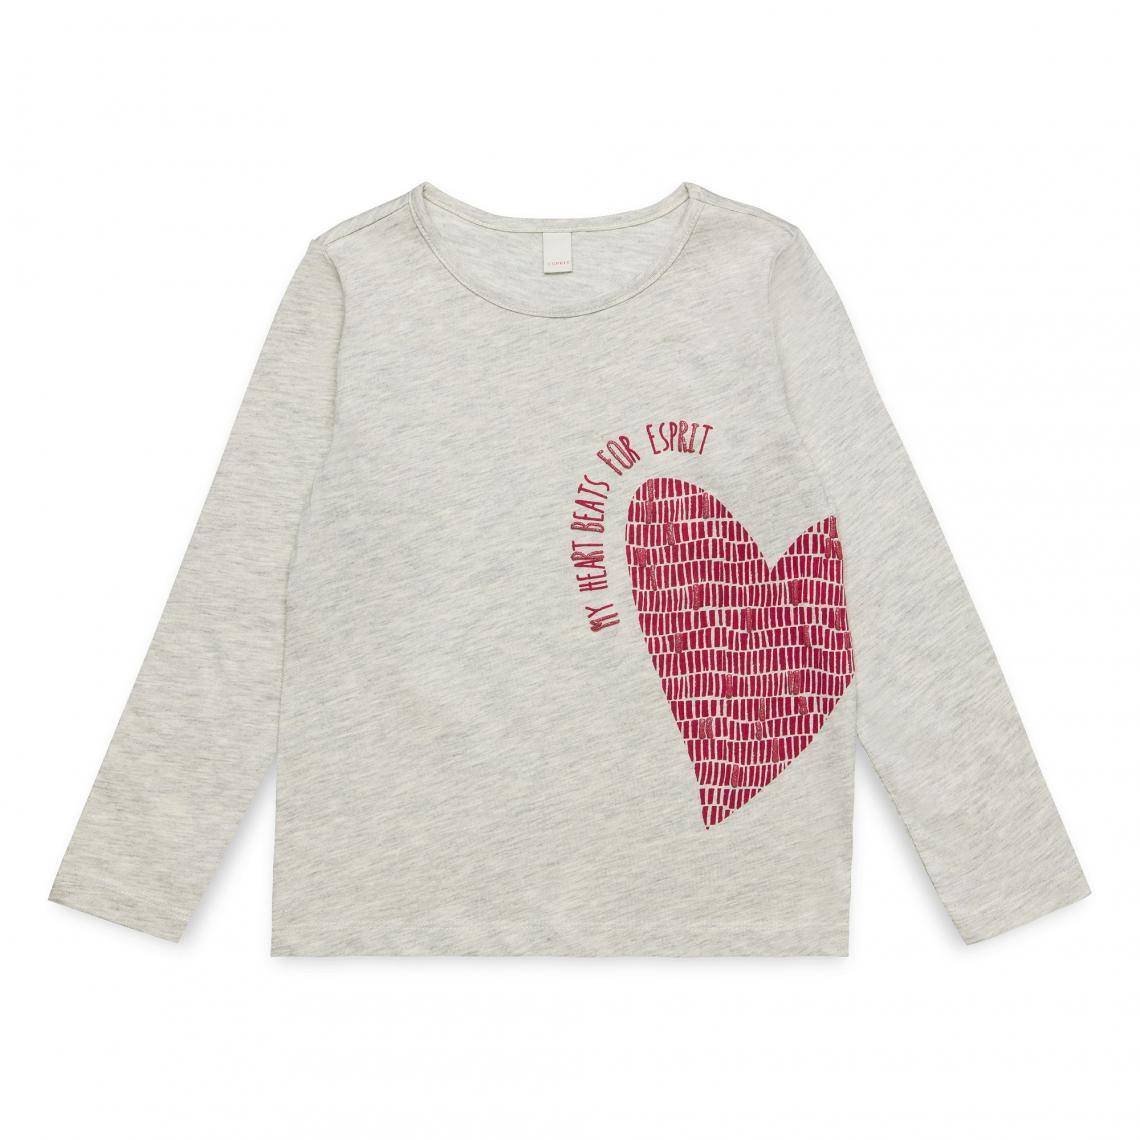 dd67e30c5c0df Tee-shirt manches longues fille Esprit - Rose Bonbon Esprit Enfant